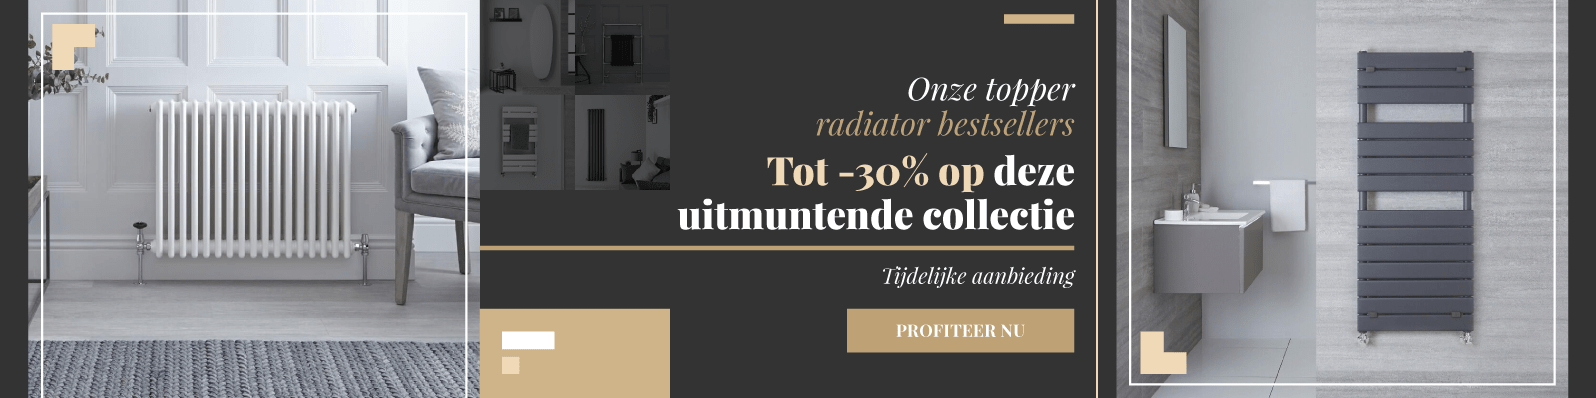 Onze topper radiator bestsellers Tot -30% op deze uitmuntende collectie Tijdelijke aanbieding Profiteer nu